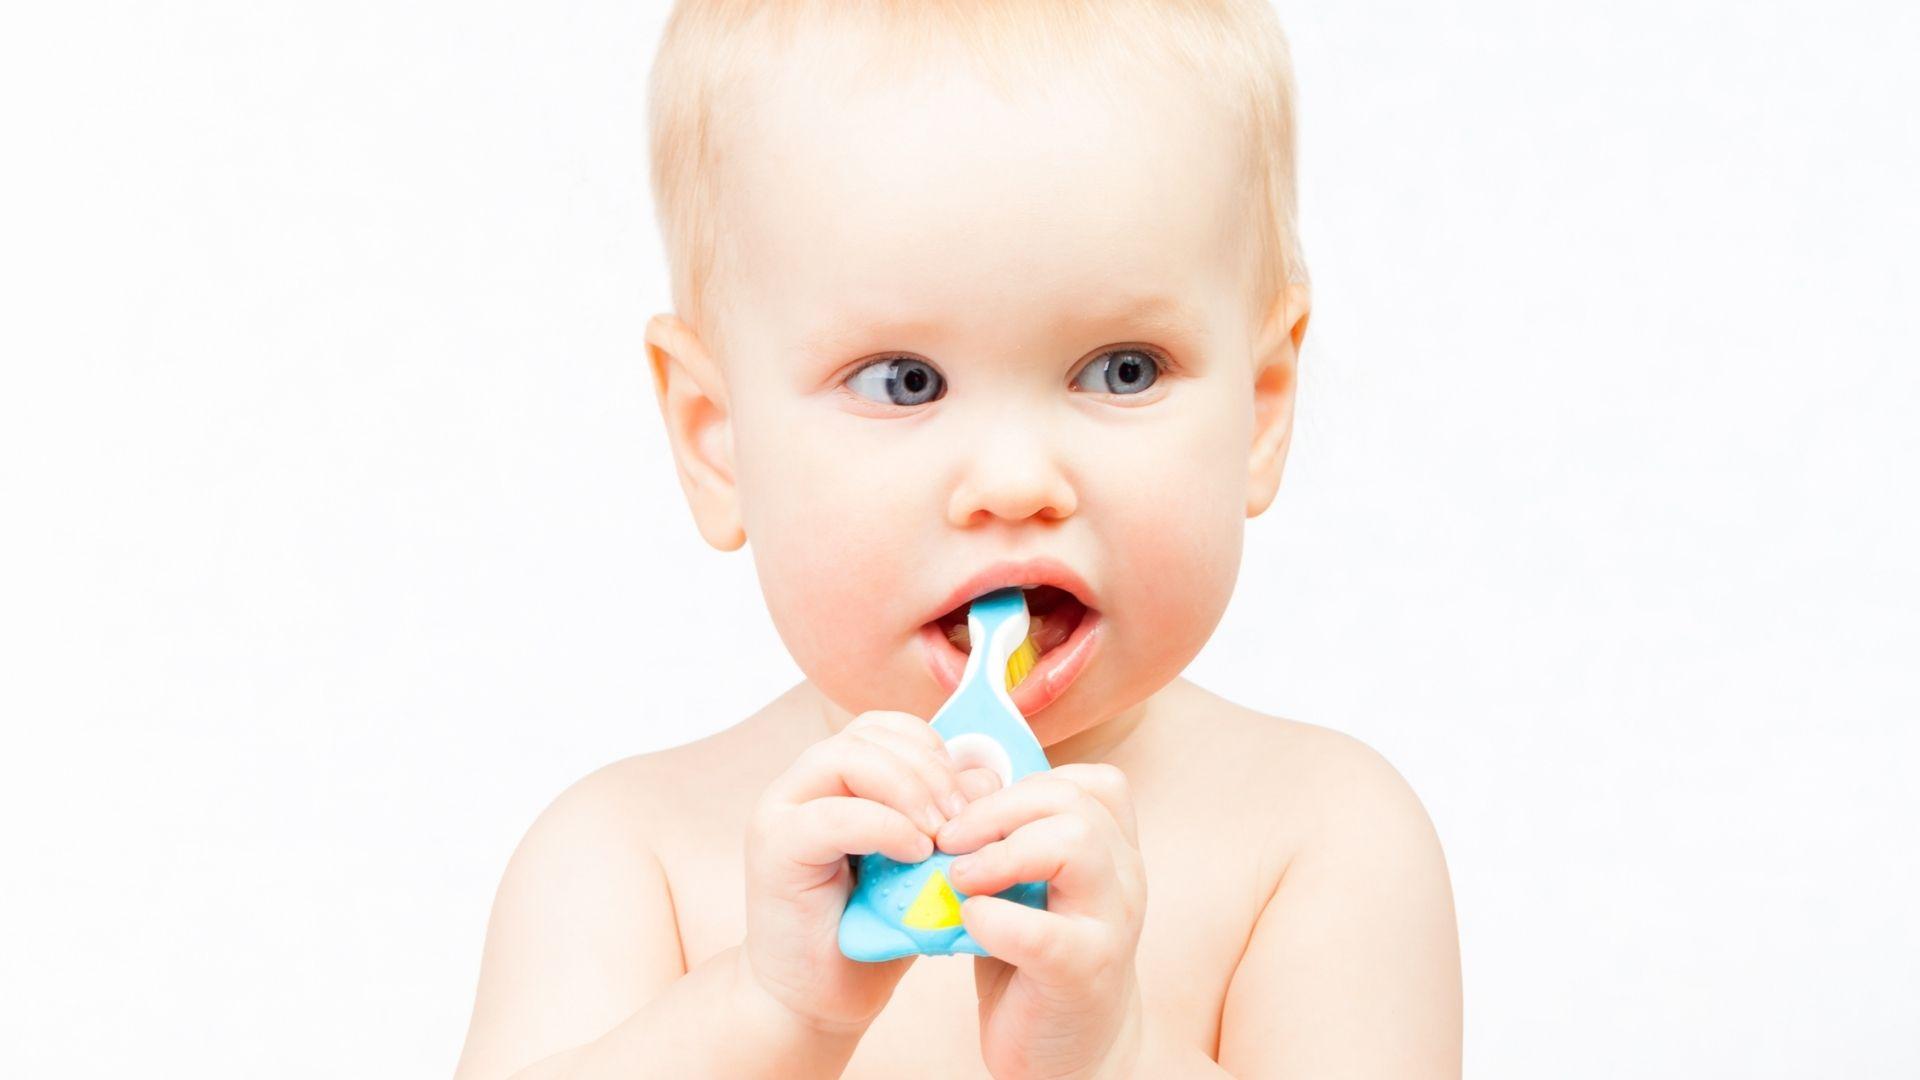 KNMT-stappenplan voor mondzorg bij dreumesen